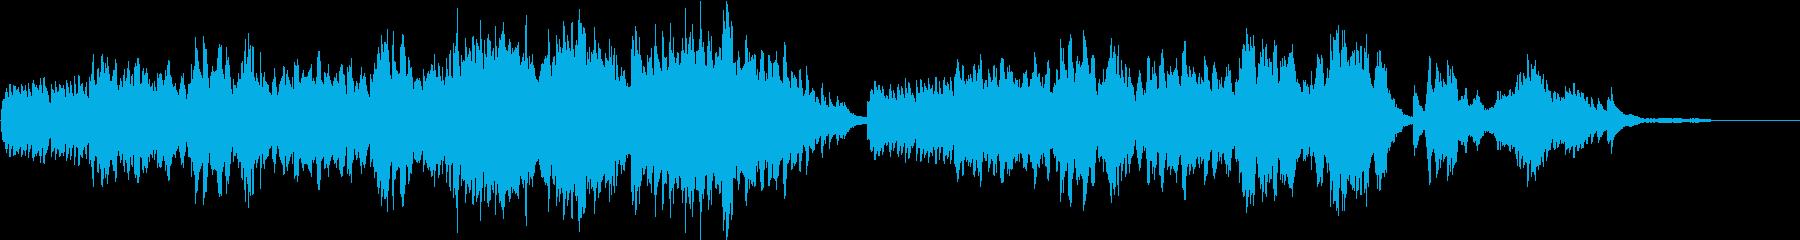 【生演奏】美しいワルツをバイオリンで♪の再生済みの波形